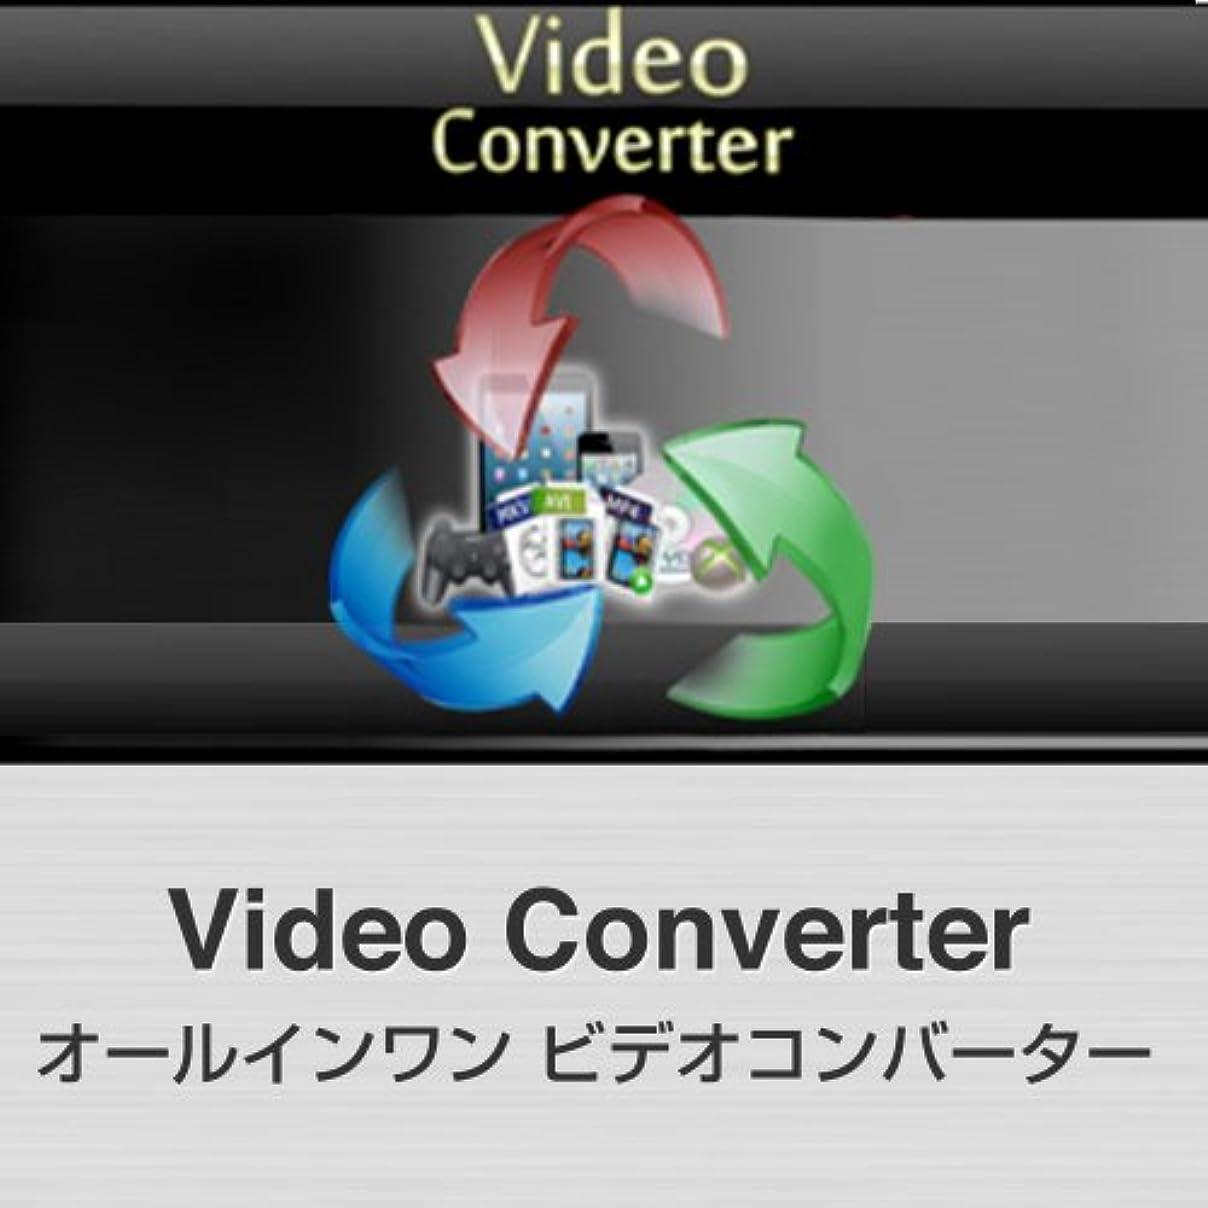 詐欺害パントリーVideo Converter (ダウンロード版) [ダウンロード]